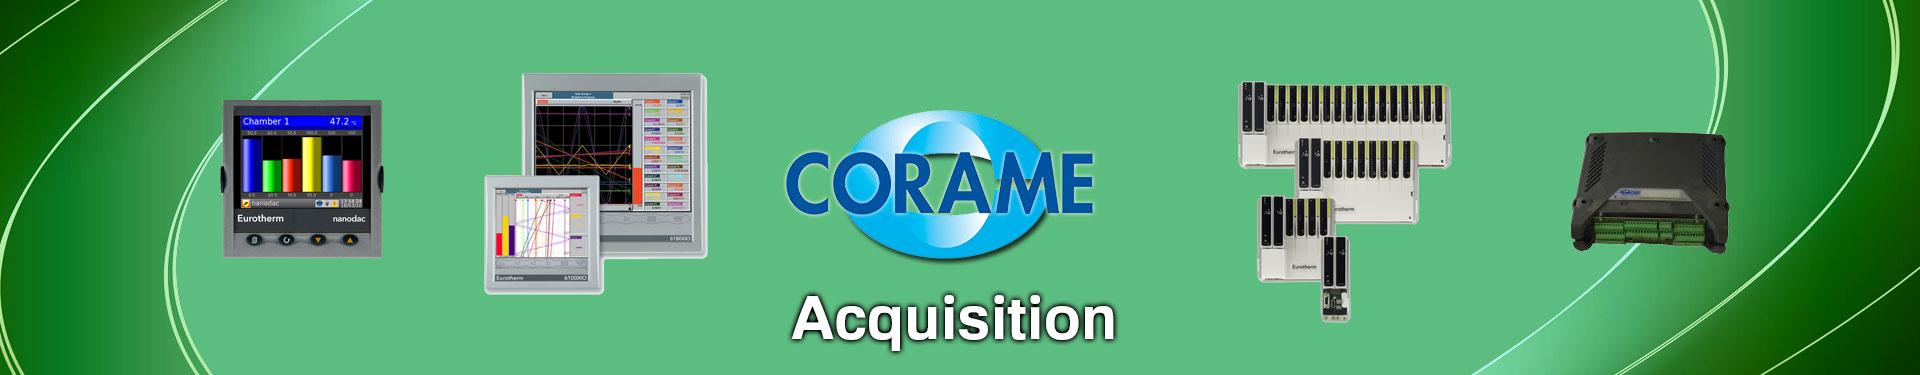 Produits Acquisition de données sélectionnés par Corame